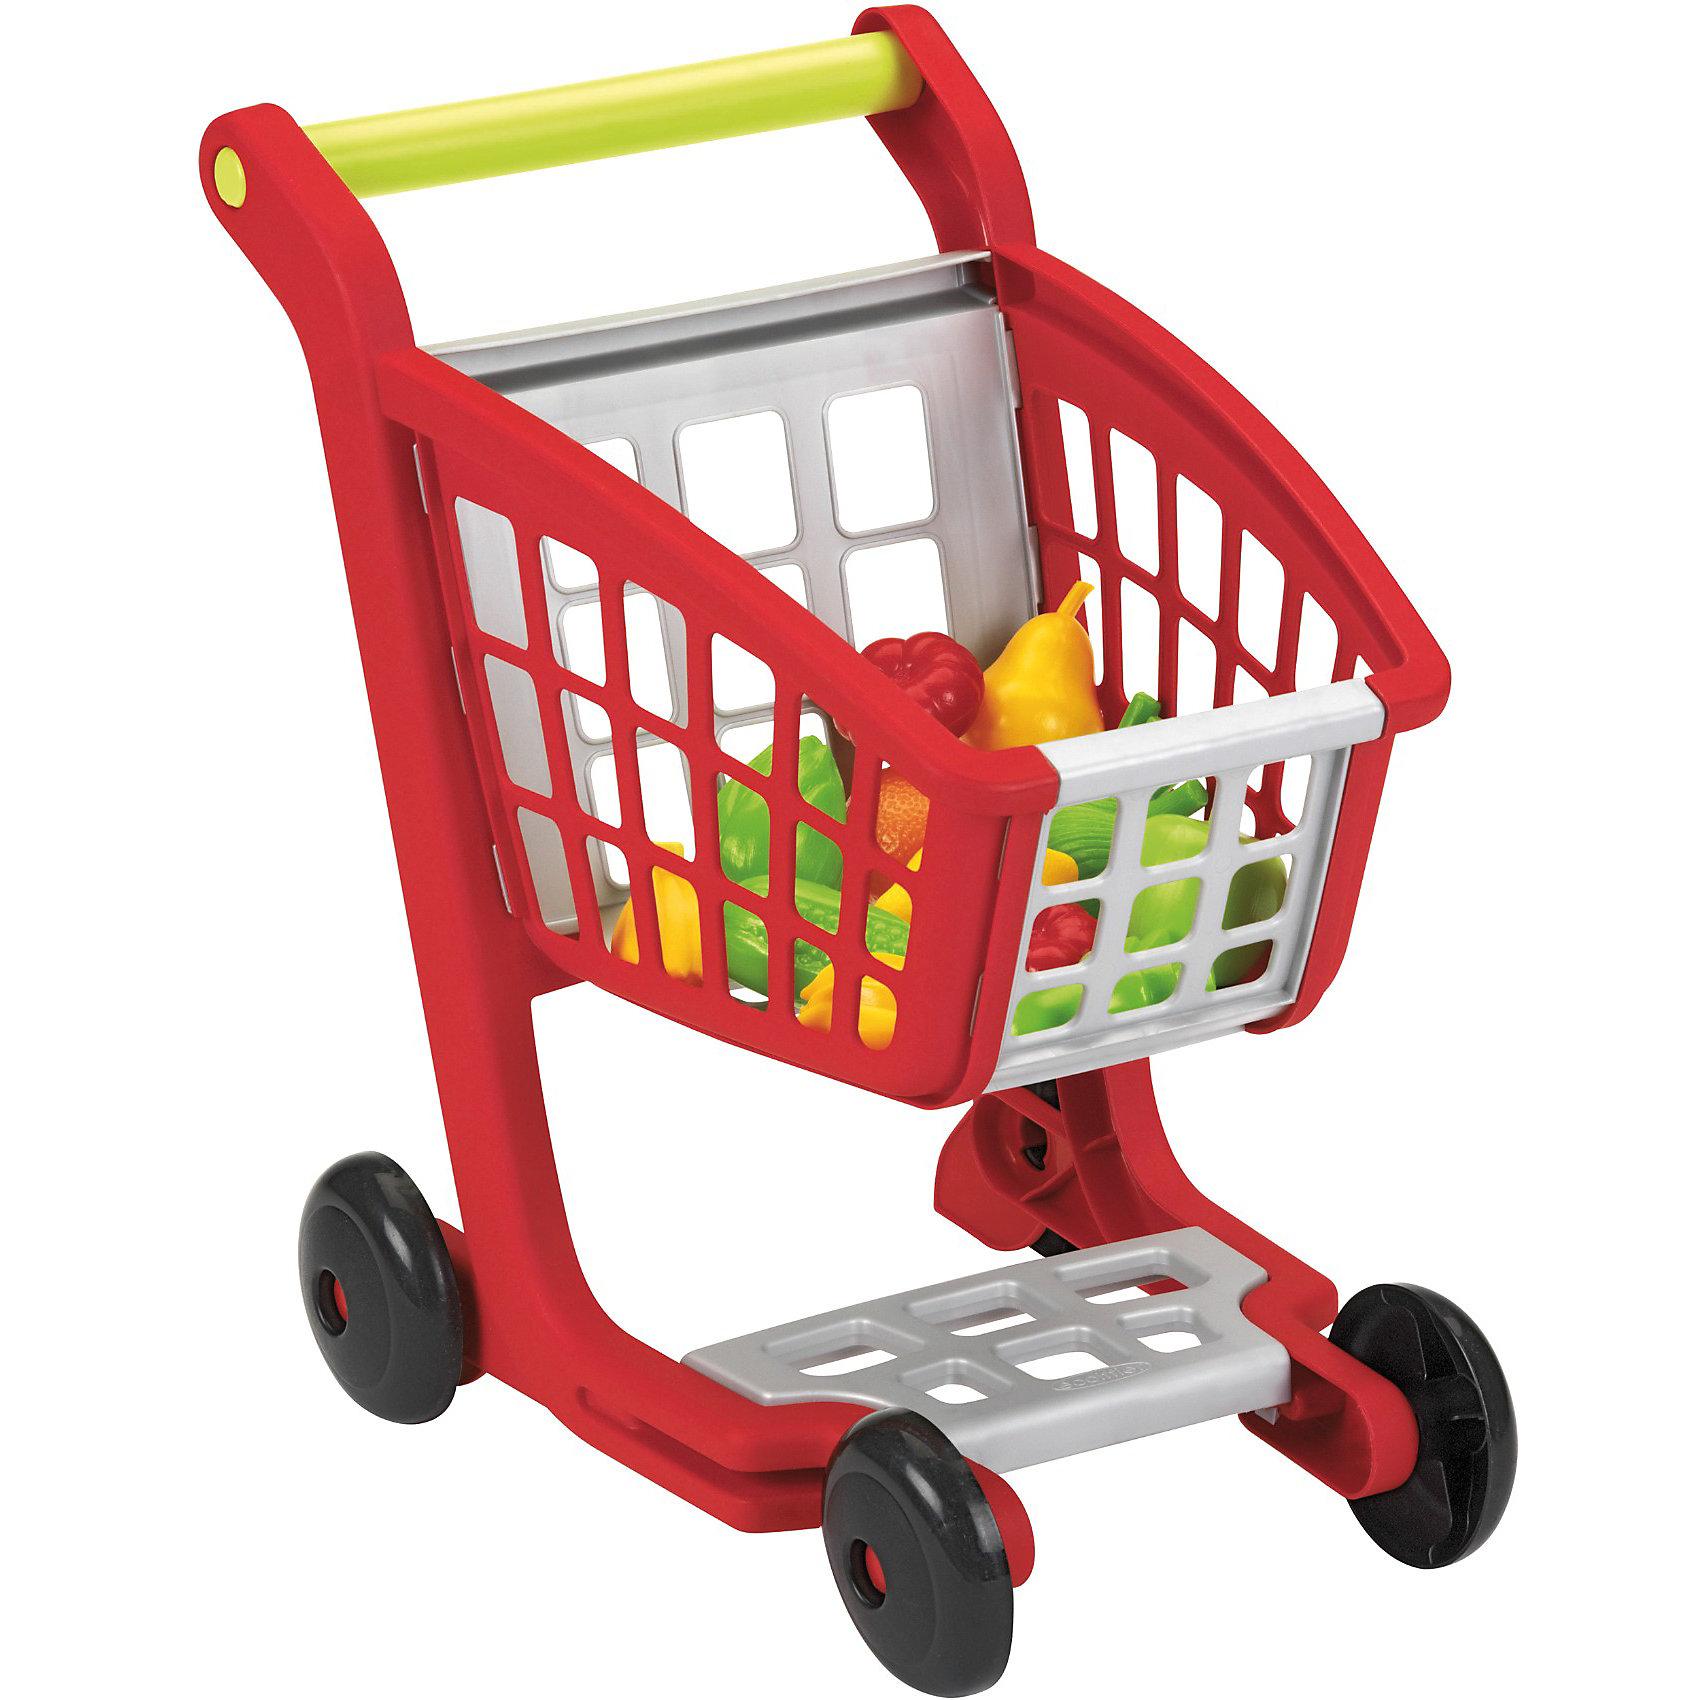 Тележка с продуктами, EcoiffierДетский супермаркет<br>Реалистичная тележка для покупок. Яркая тележка для покупок достаточно большая, чтобы вместить все покупки. Игрушка прекрасно подойдет для сюжетно-ролевых игр.<br><br>Дополнительная информация:<br><br>- В наборе фрукты и овощи: апельсин, яблоко, груша, кукуруза, 2 помидора, лук, 2 грозди бананов, лимон, папайя, сельдерей. <br>- Размеры (д/ш/в): 41,5 x 29,5 x 41,5 см.<br>- Материал: высококачественная пластмасса.<br><br>Ecoiffier Тележку с продуктами можно купить в нашем магазине.<br><br>Ширина мм: 496<br>Глубина мм: 365<br>Высота мм: 114<br>Вес г: 910<br>Возраст от месяцев: 12<br>Возраст до месяцев: 60<br>Пол: Унисекс<br>Возраст: Детский<br>SKU: 1871015